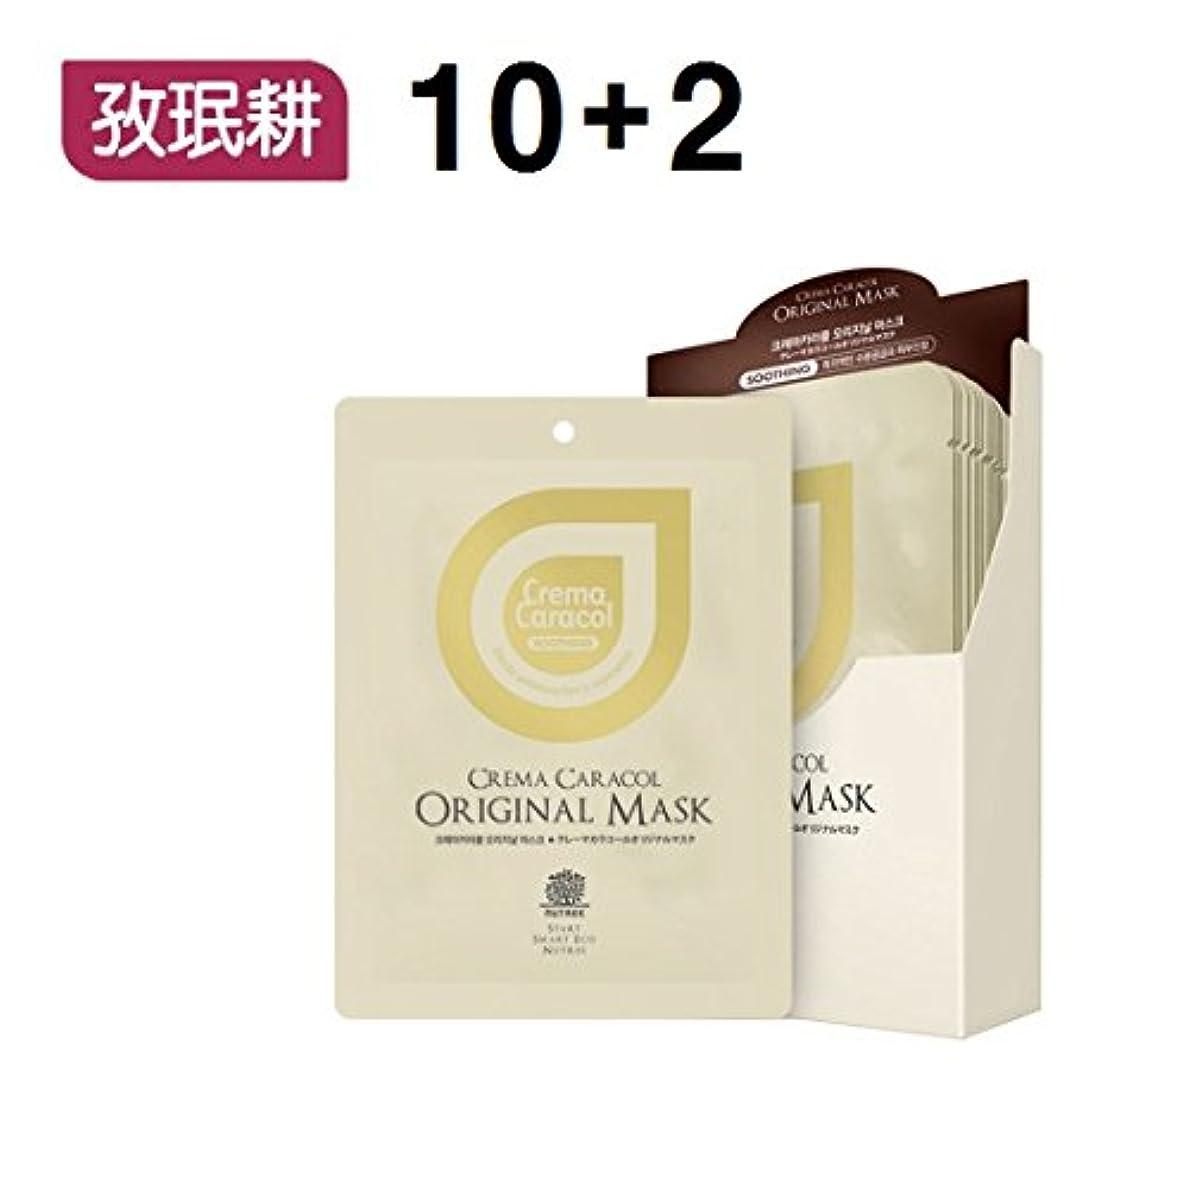 農民ワイプジョージエリオットJaminkyung Crema Caracol Original Mask 10+2 / ジャミンギョン クレマカラコールオリジナルマスク 10+2 [並行輸入品]